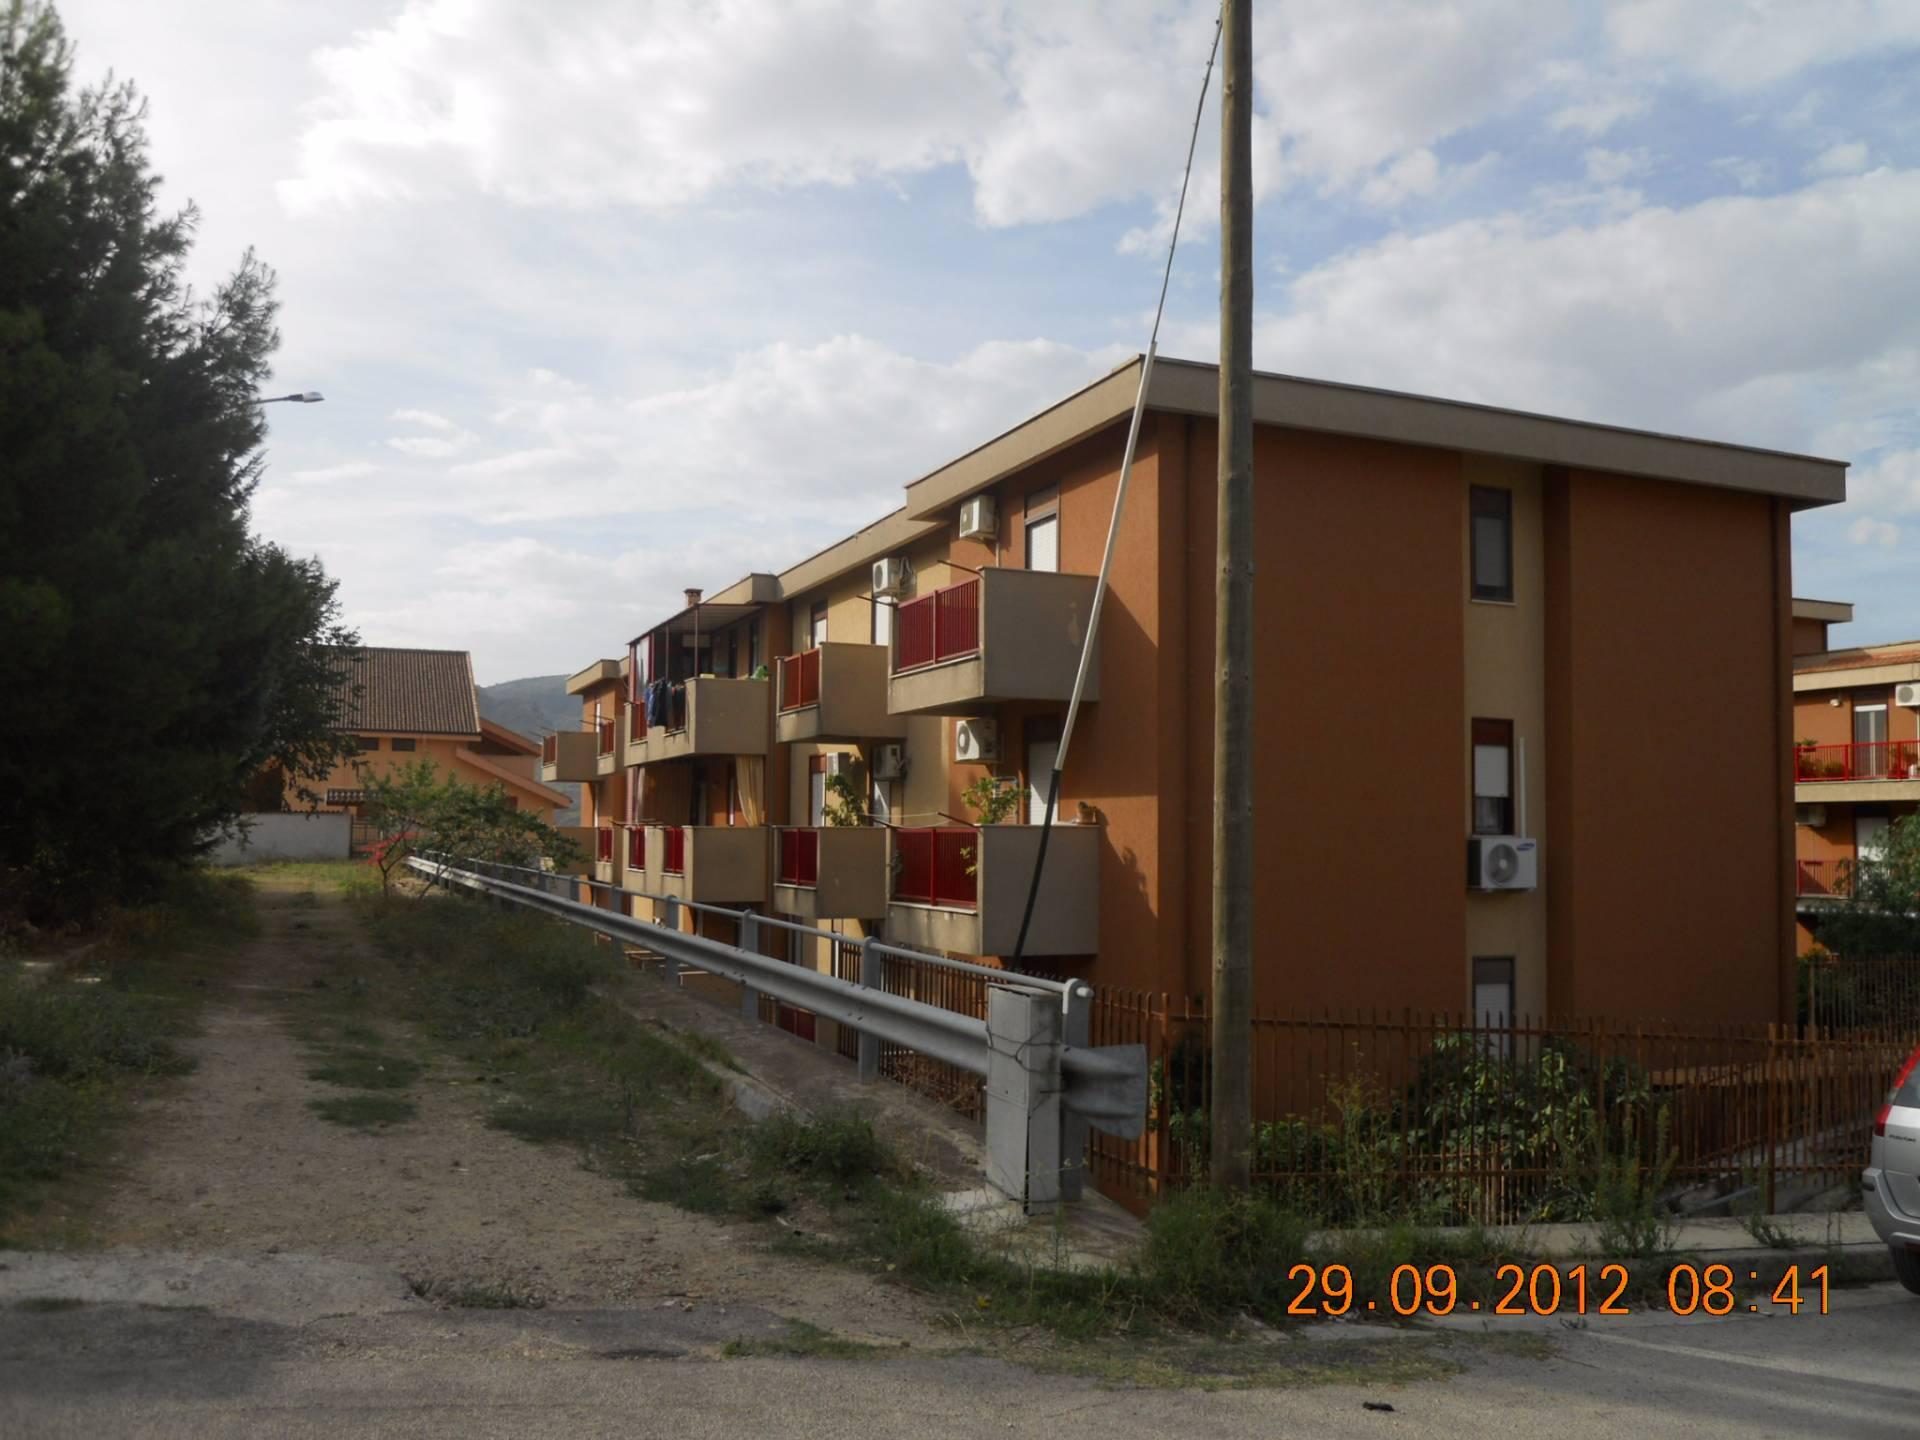 Appartamento in vendita a Montelepre, 6 locali, prezzo € 138.000 | PortaleAgenzieImmobiliari.it